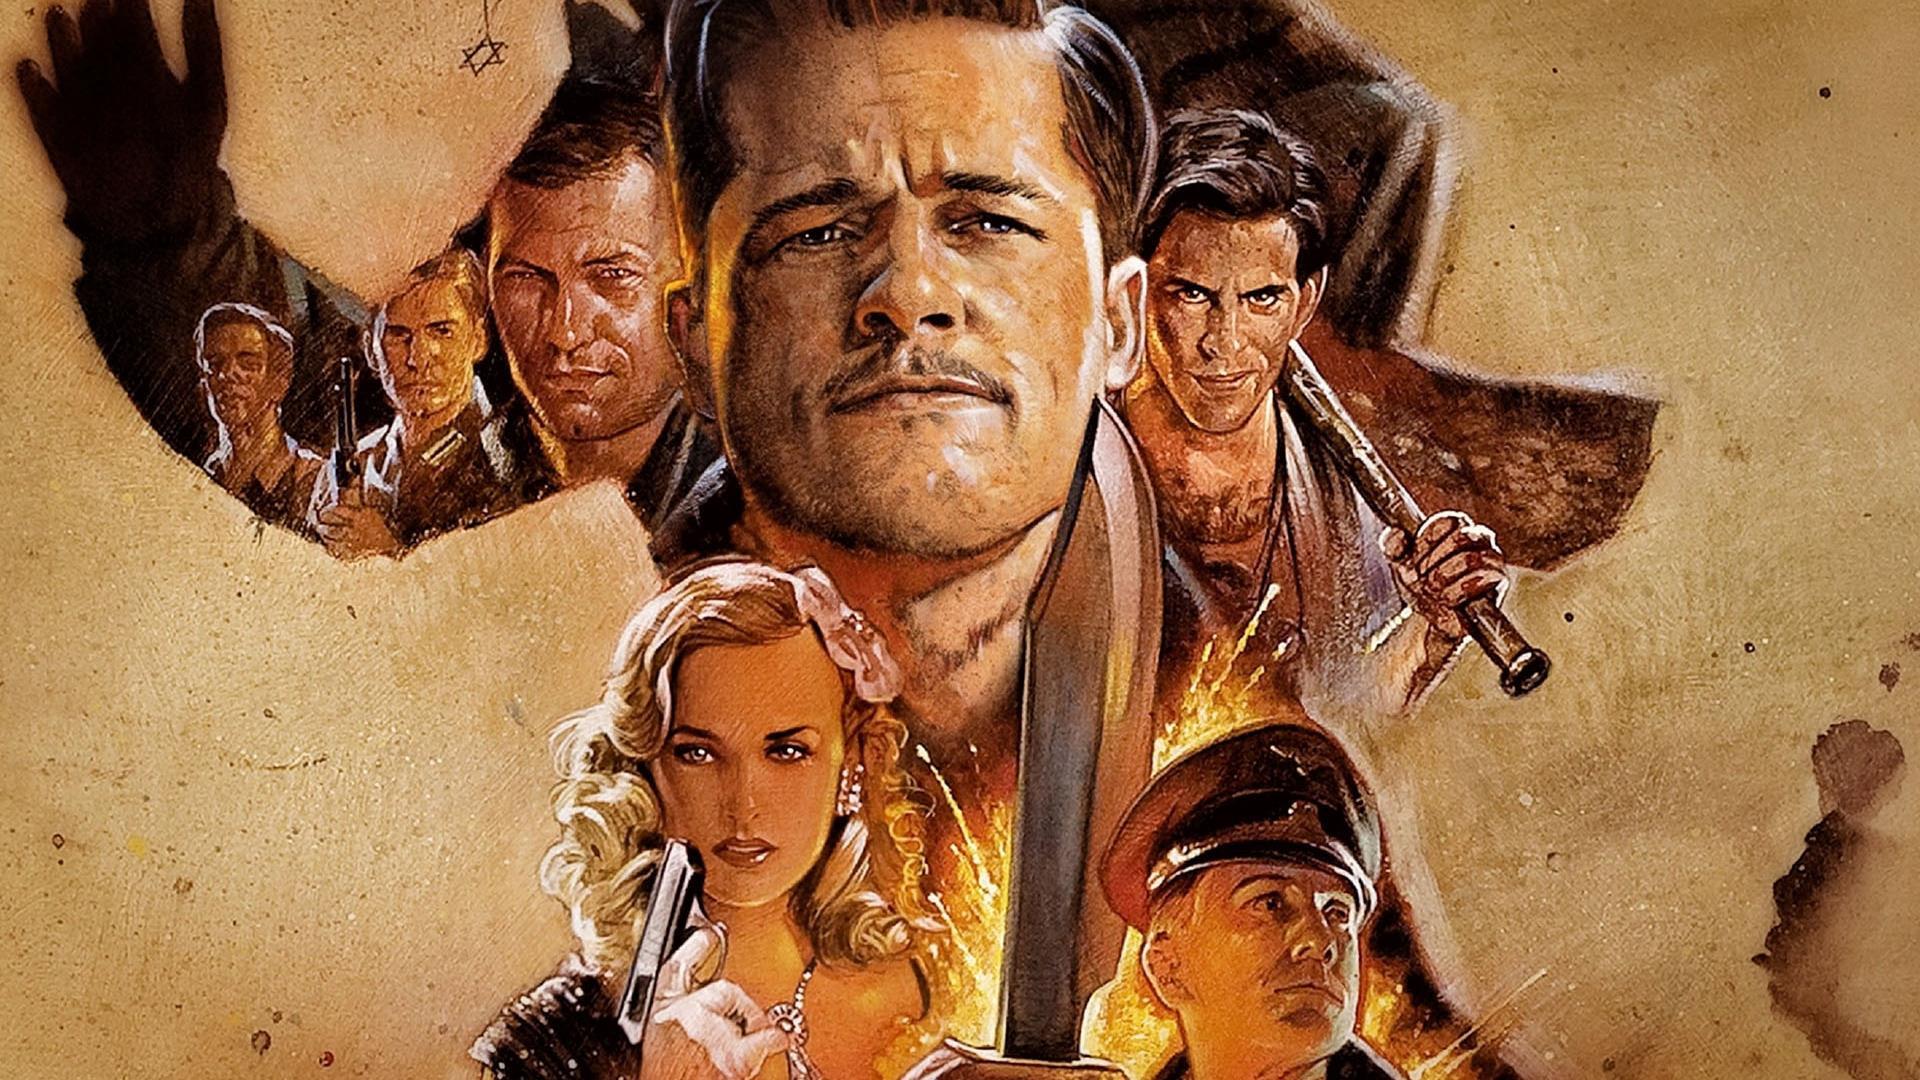 Bastardi Senza Gloria, il film di Tarantino è storicamente accurato?